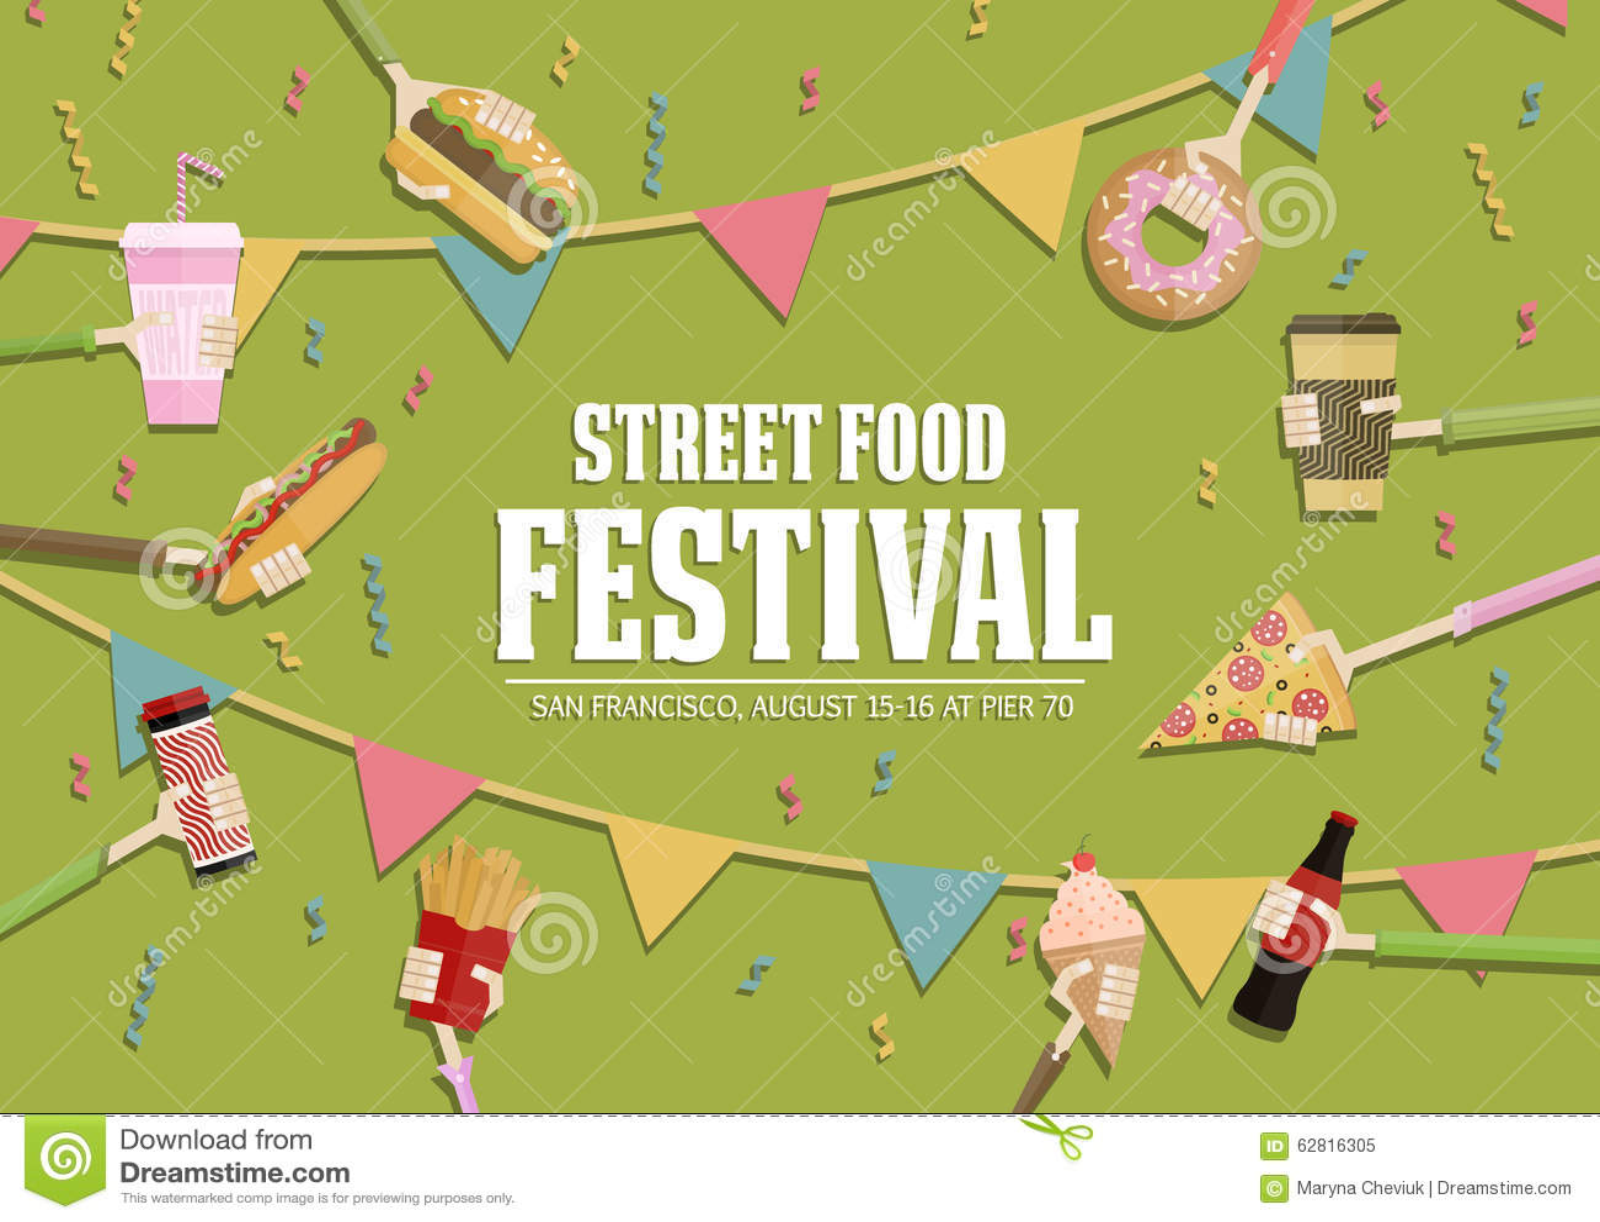 Download Popular Food Web Banner Set Flat Design Festival Poster Stock Illustration